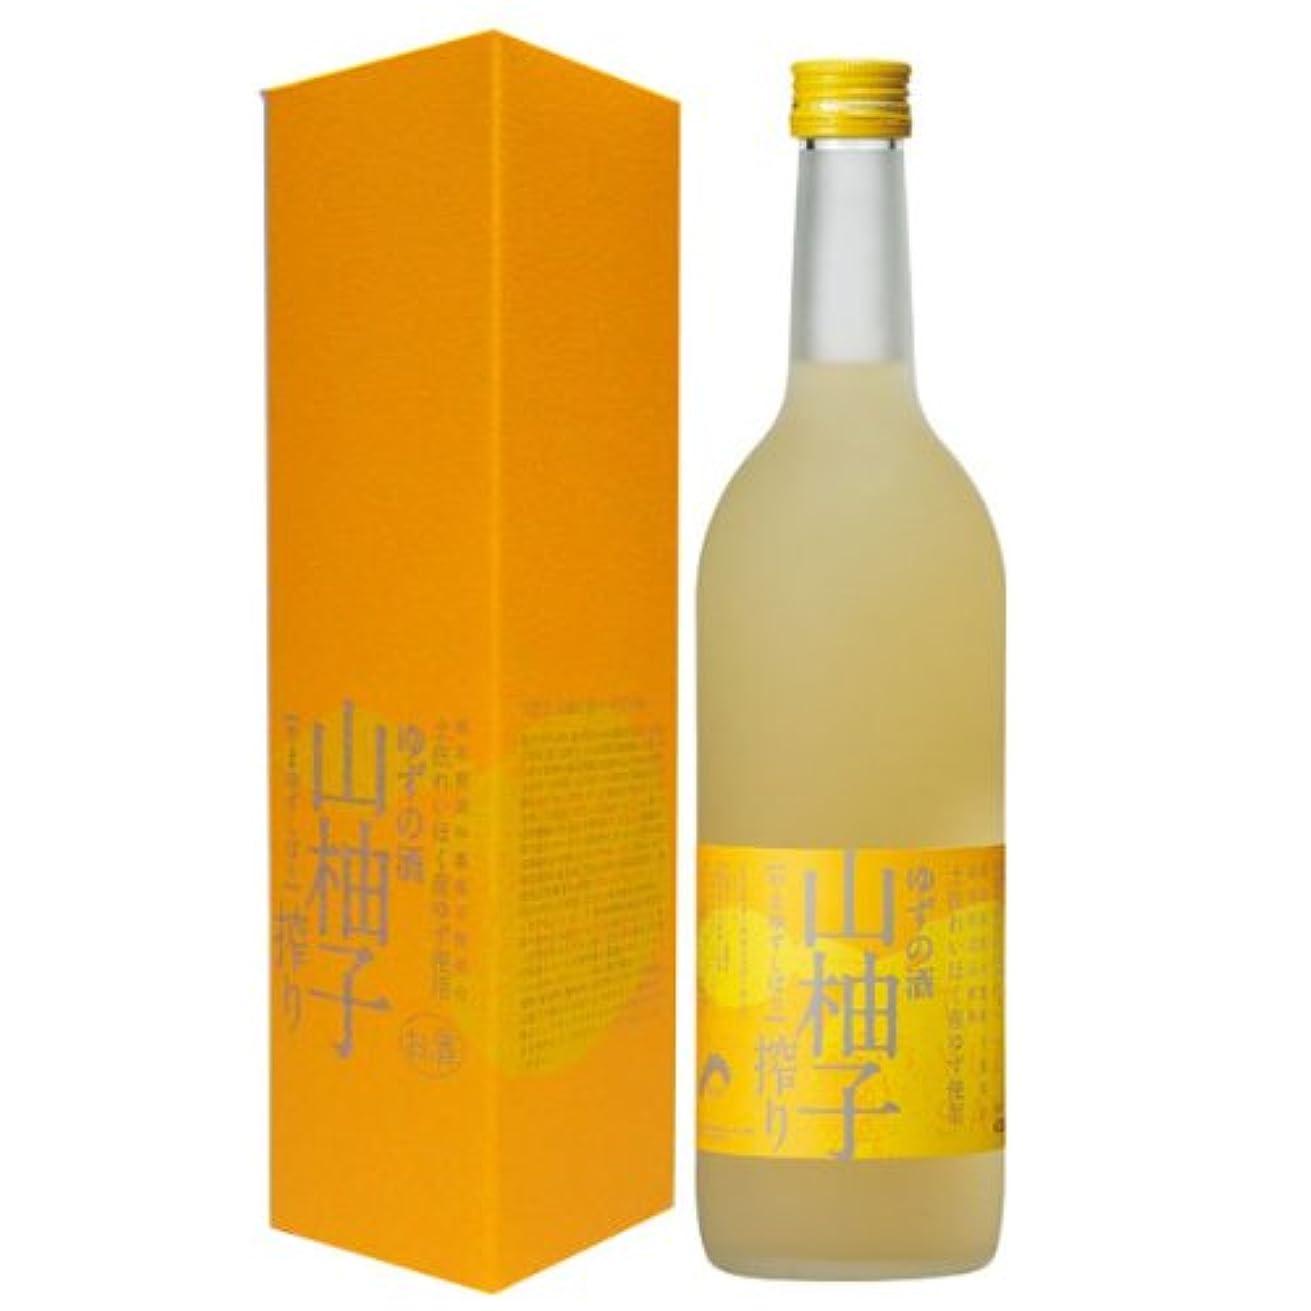 落ち着く週間直面する高知県 ゆずの酒 山柚子搾り720ml